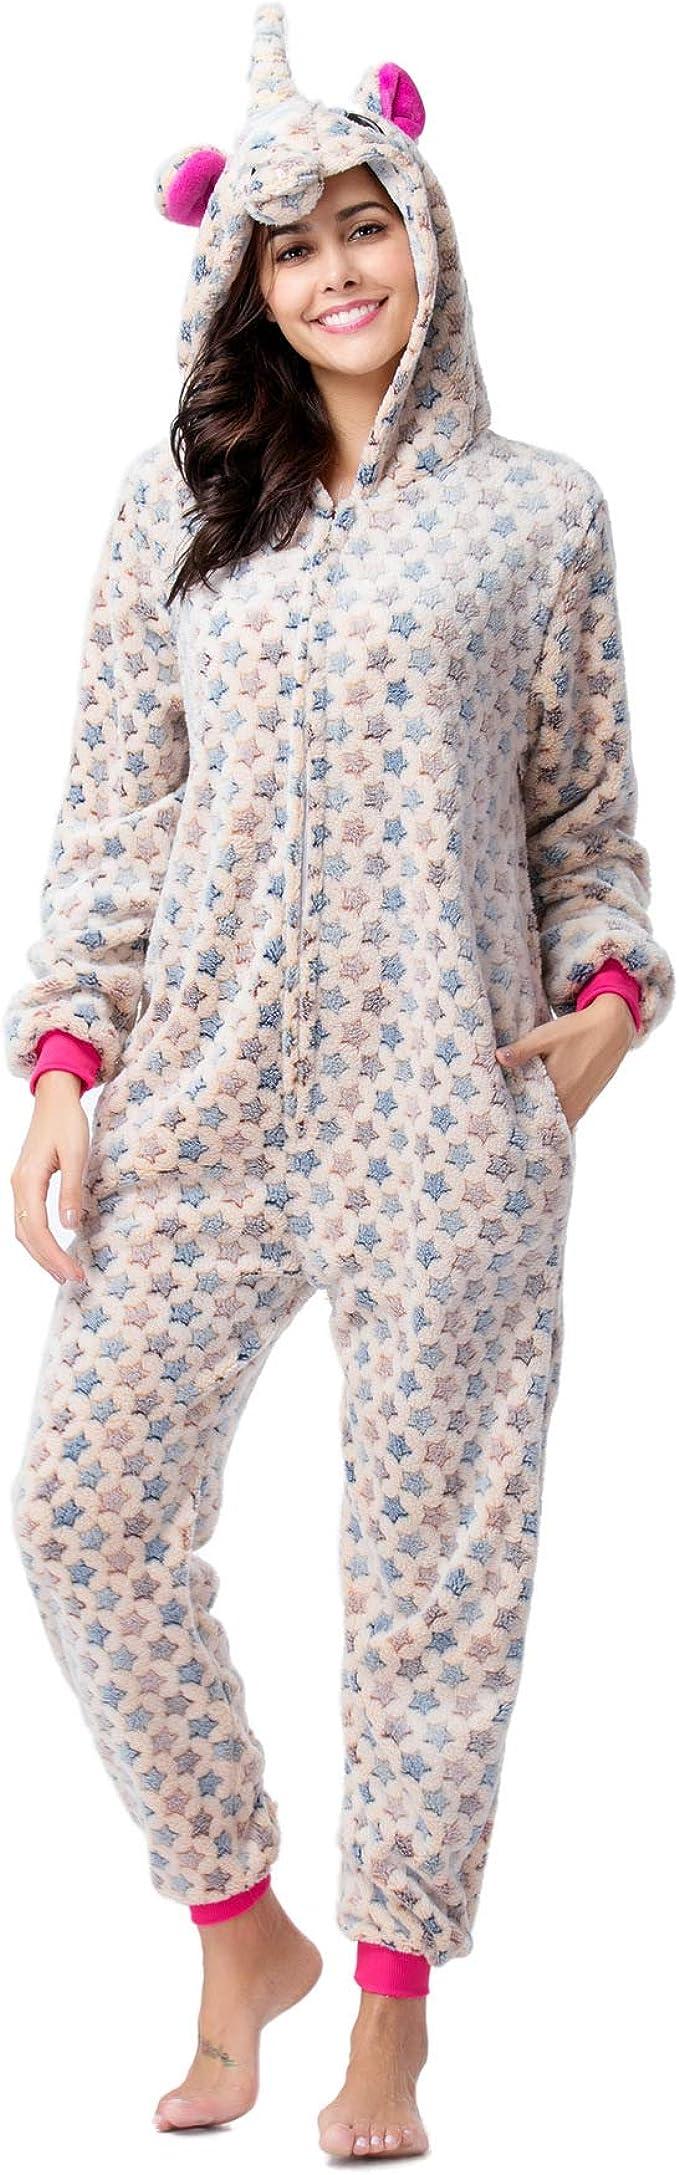 Onesie Pijamas, Monos de Dibujos Animados para Adultos ...